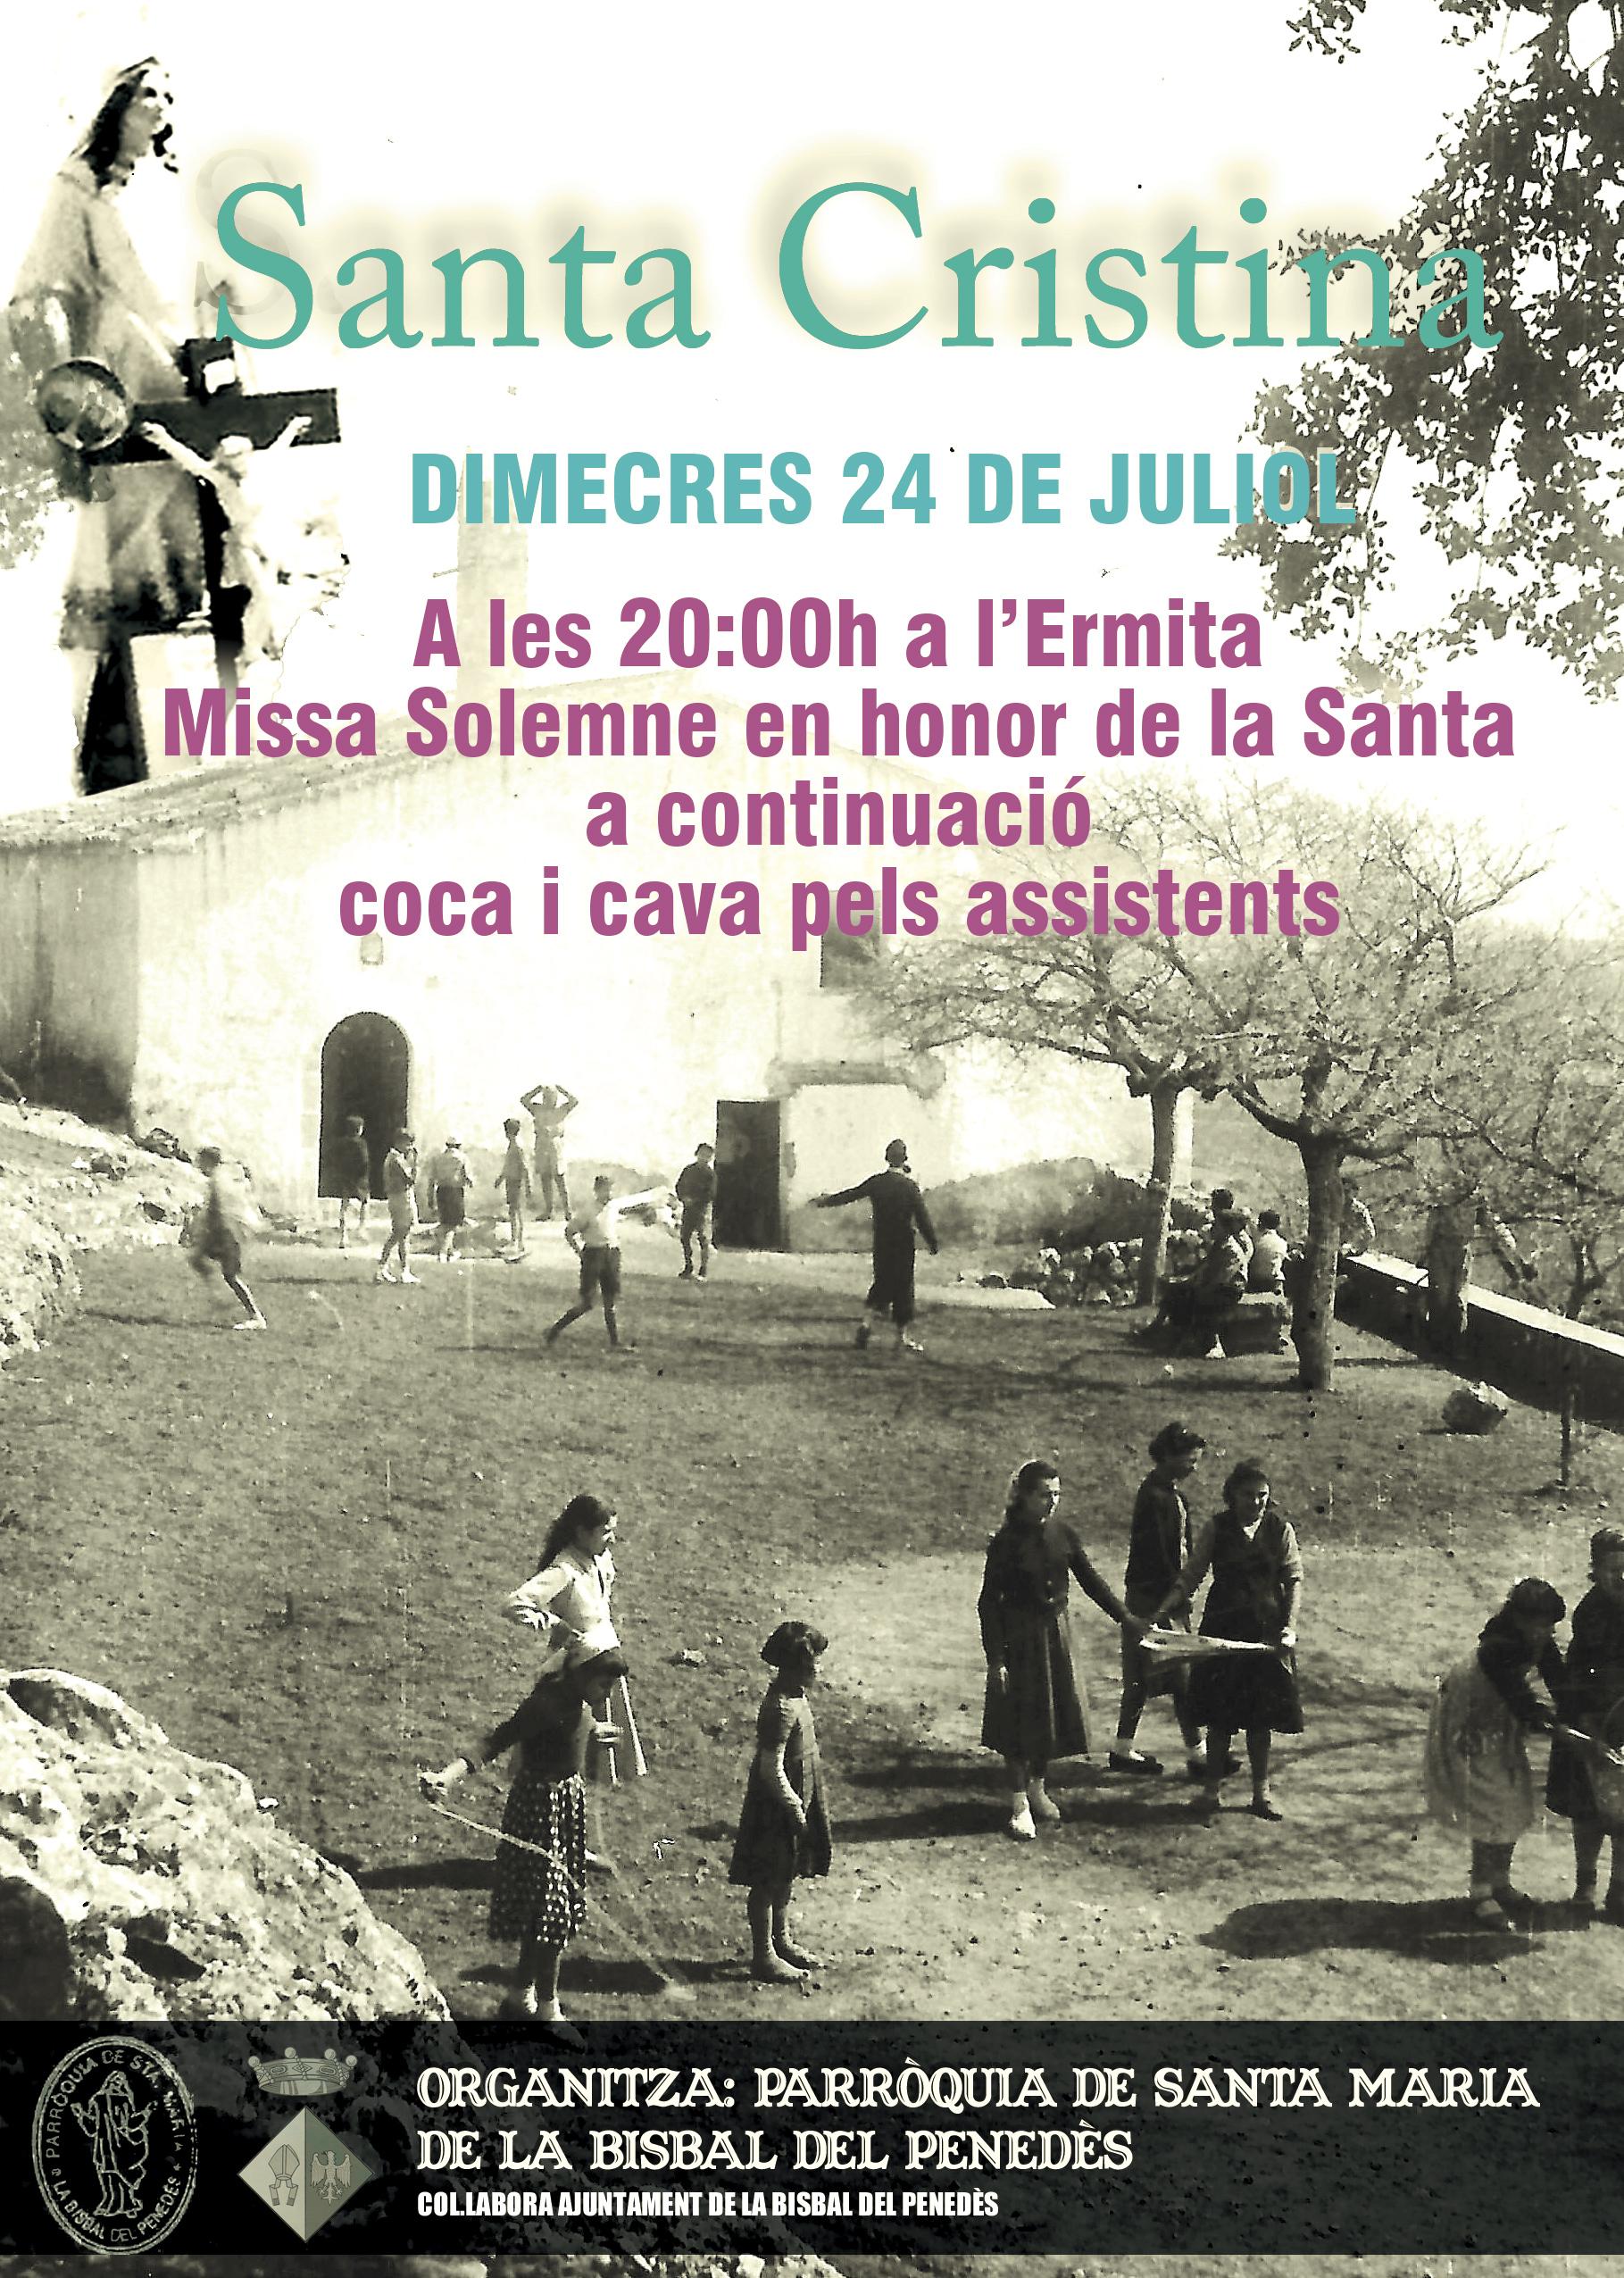 La Parròquia de Santa Maria organitza una missa a l'Ermita de Santa Cristina per al dia 24 de juliol